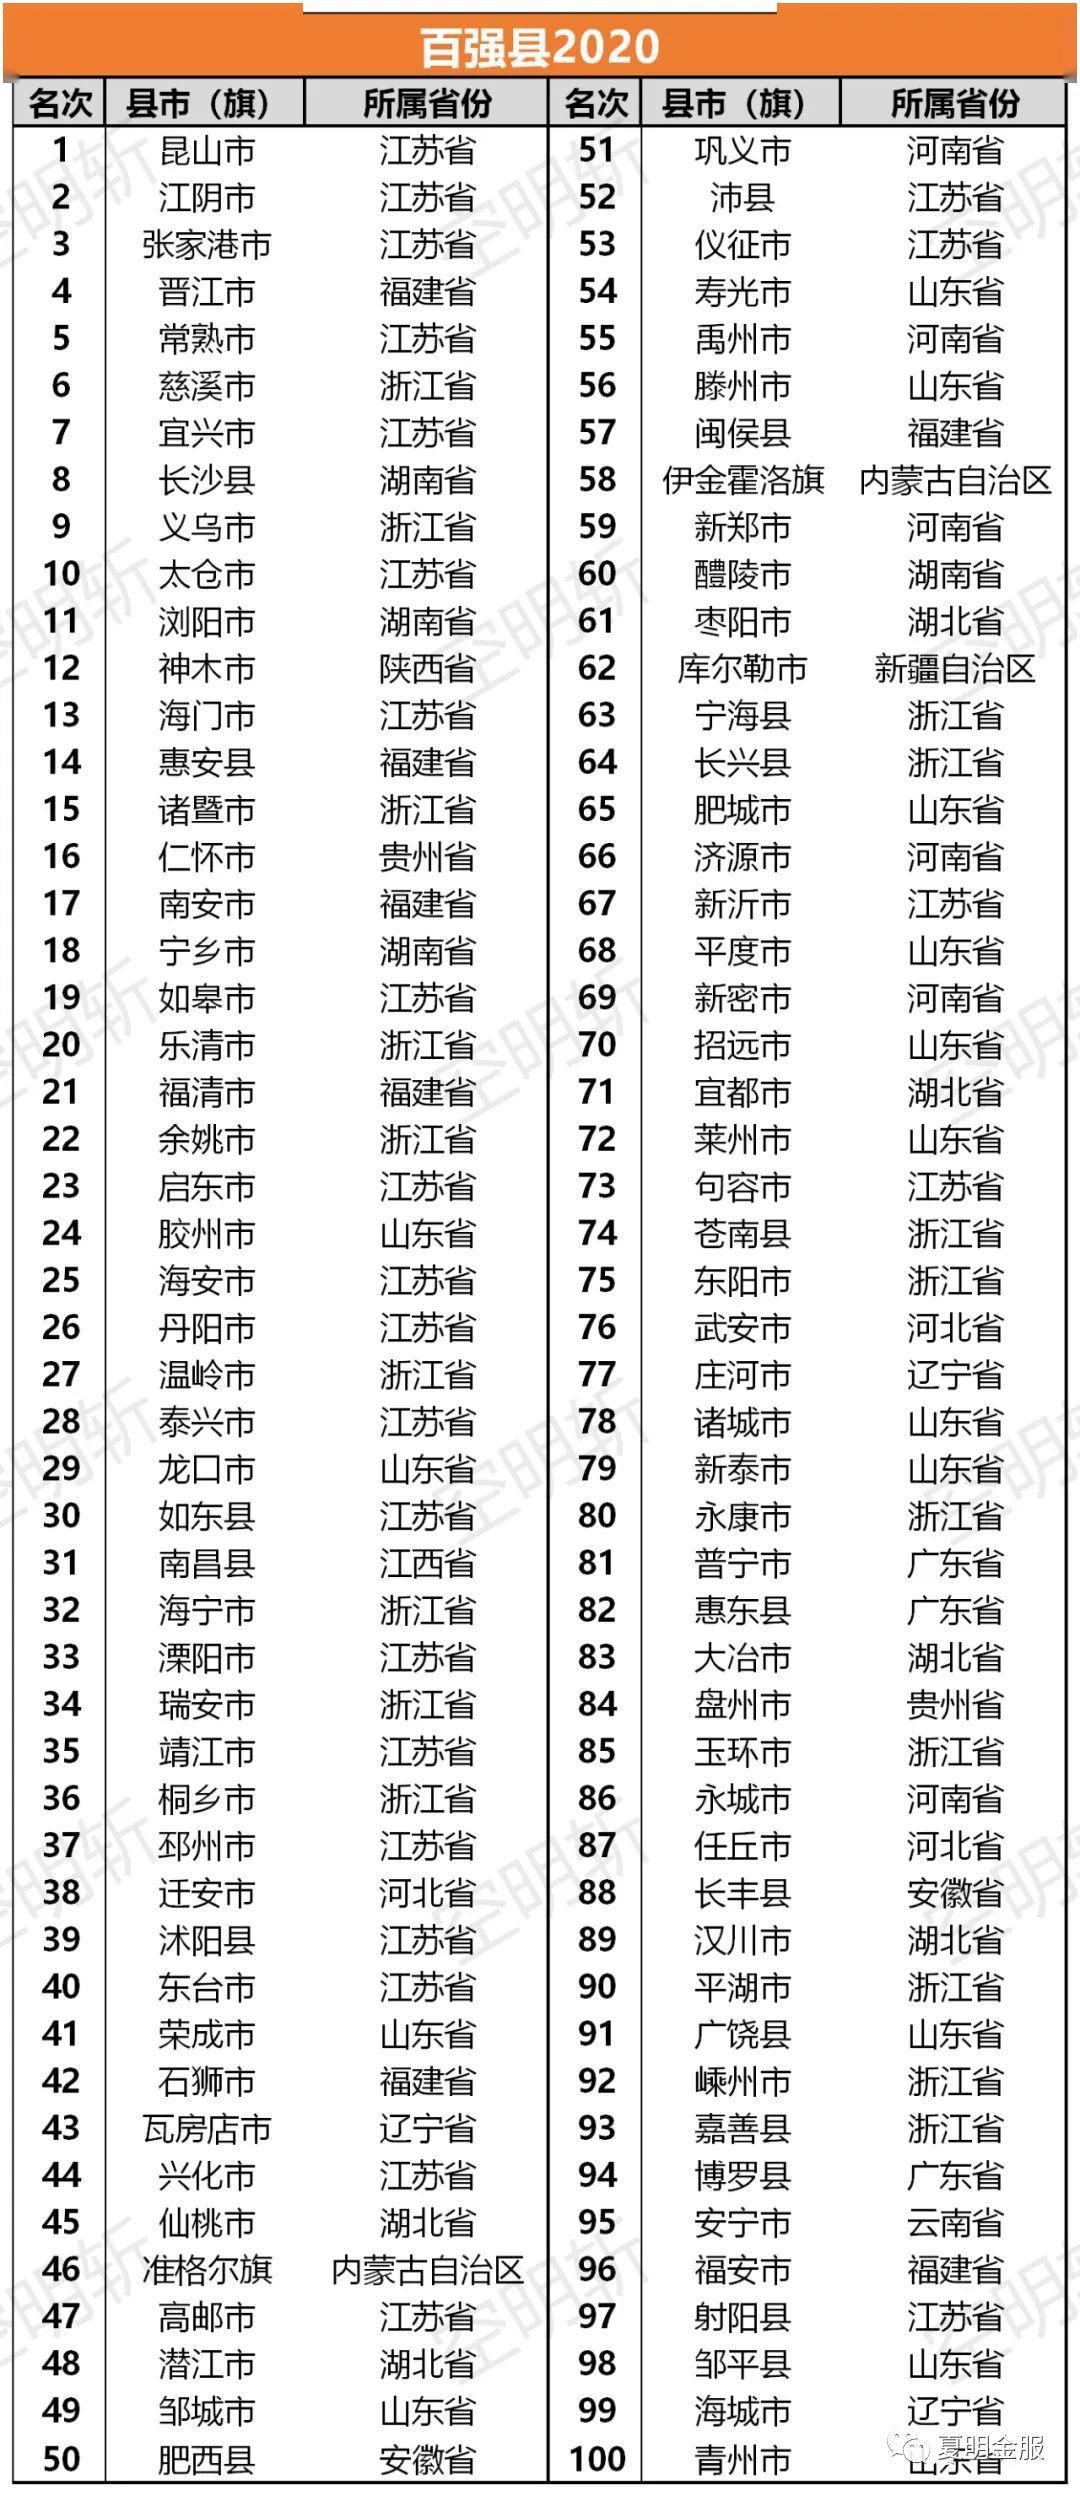 中国千强县徐水gdp排名_GDP20强县榜单 昆山连续16年居榜首,江浙占13席